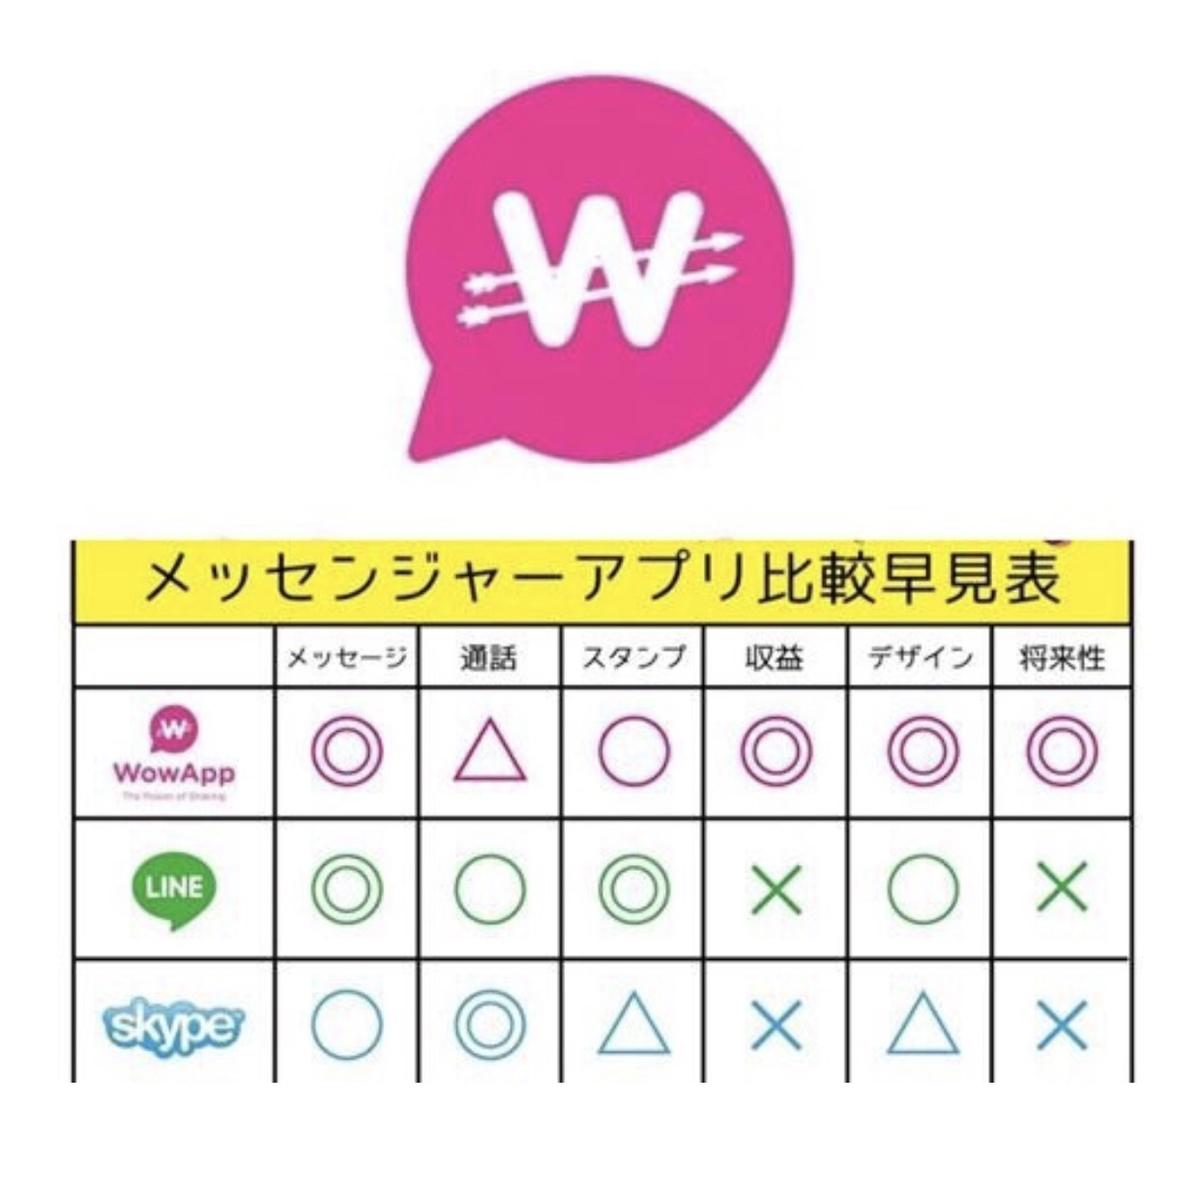 f:id:kaoruikeda:20190606174535j:plain